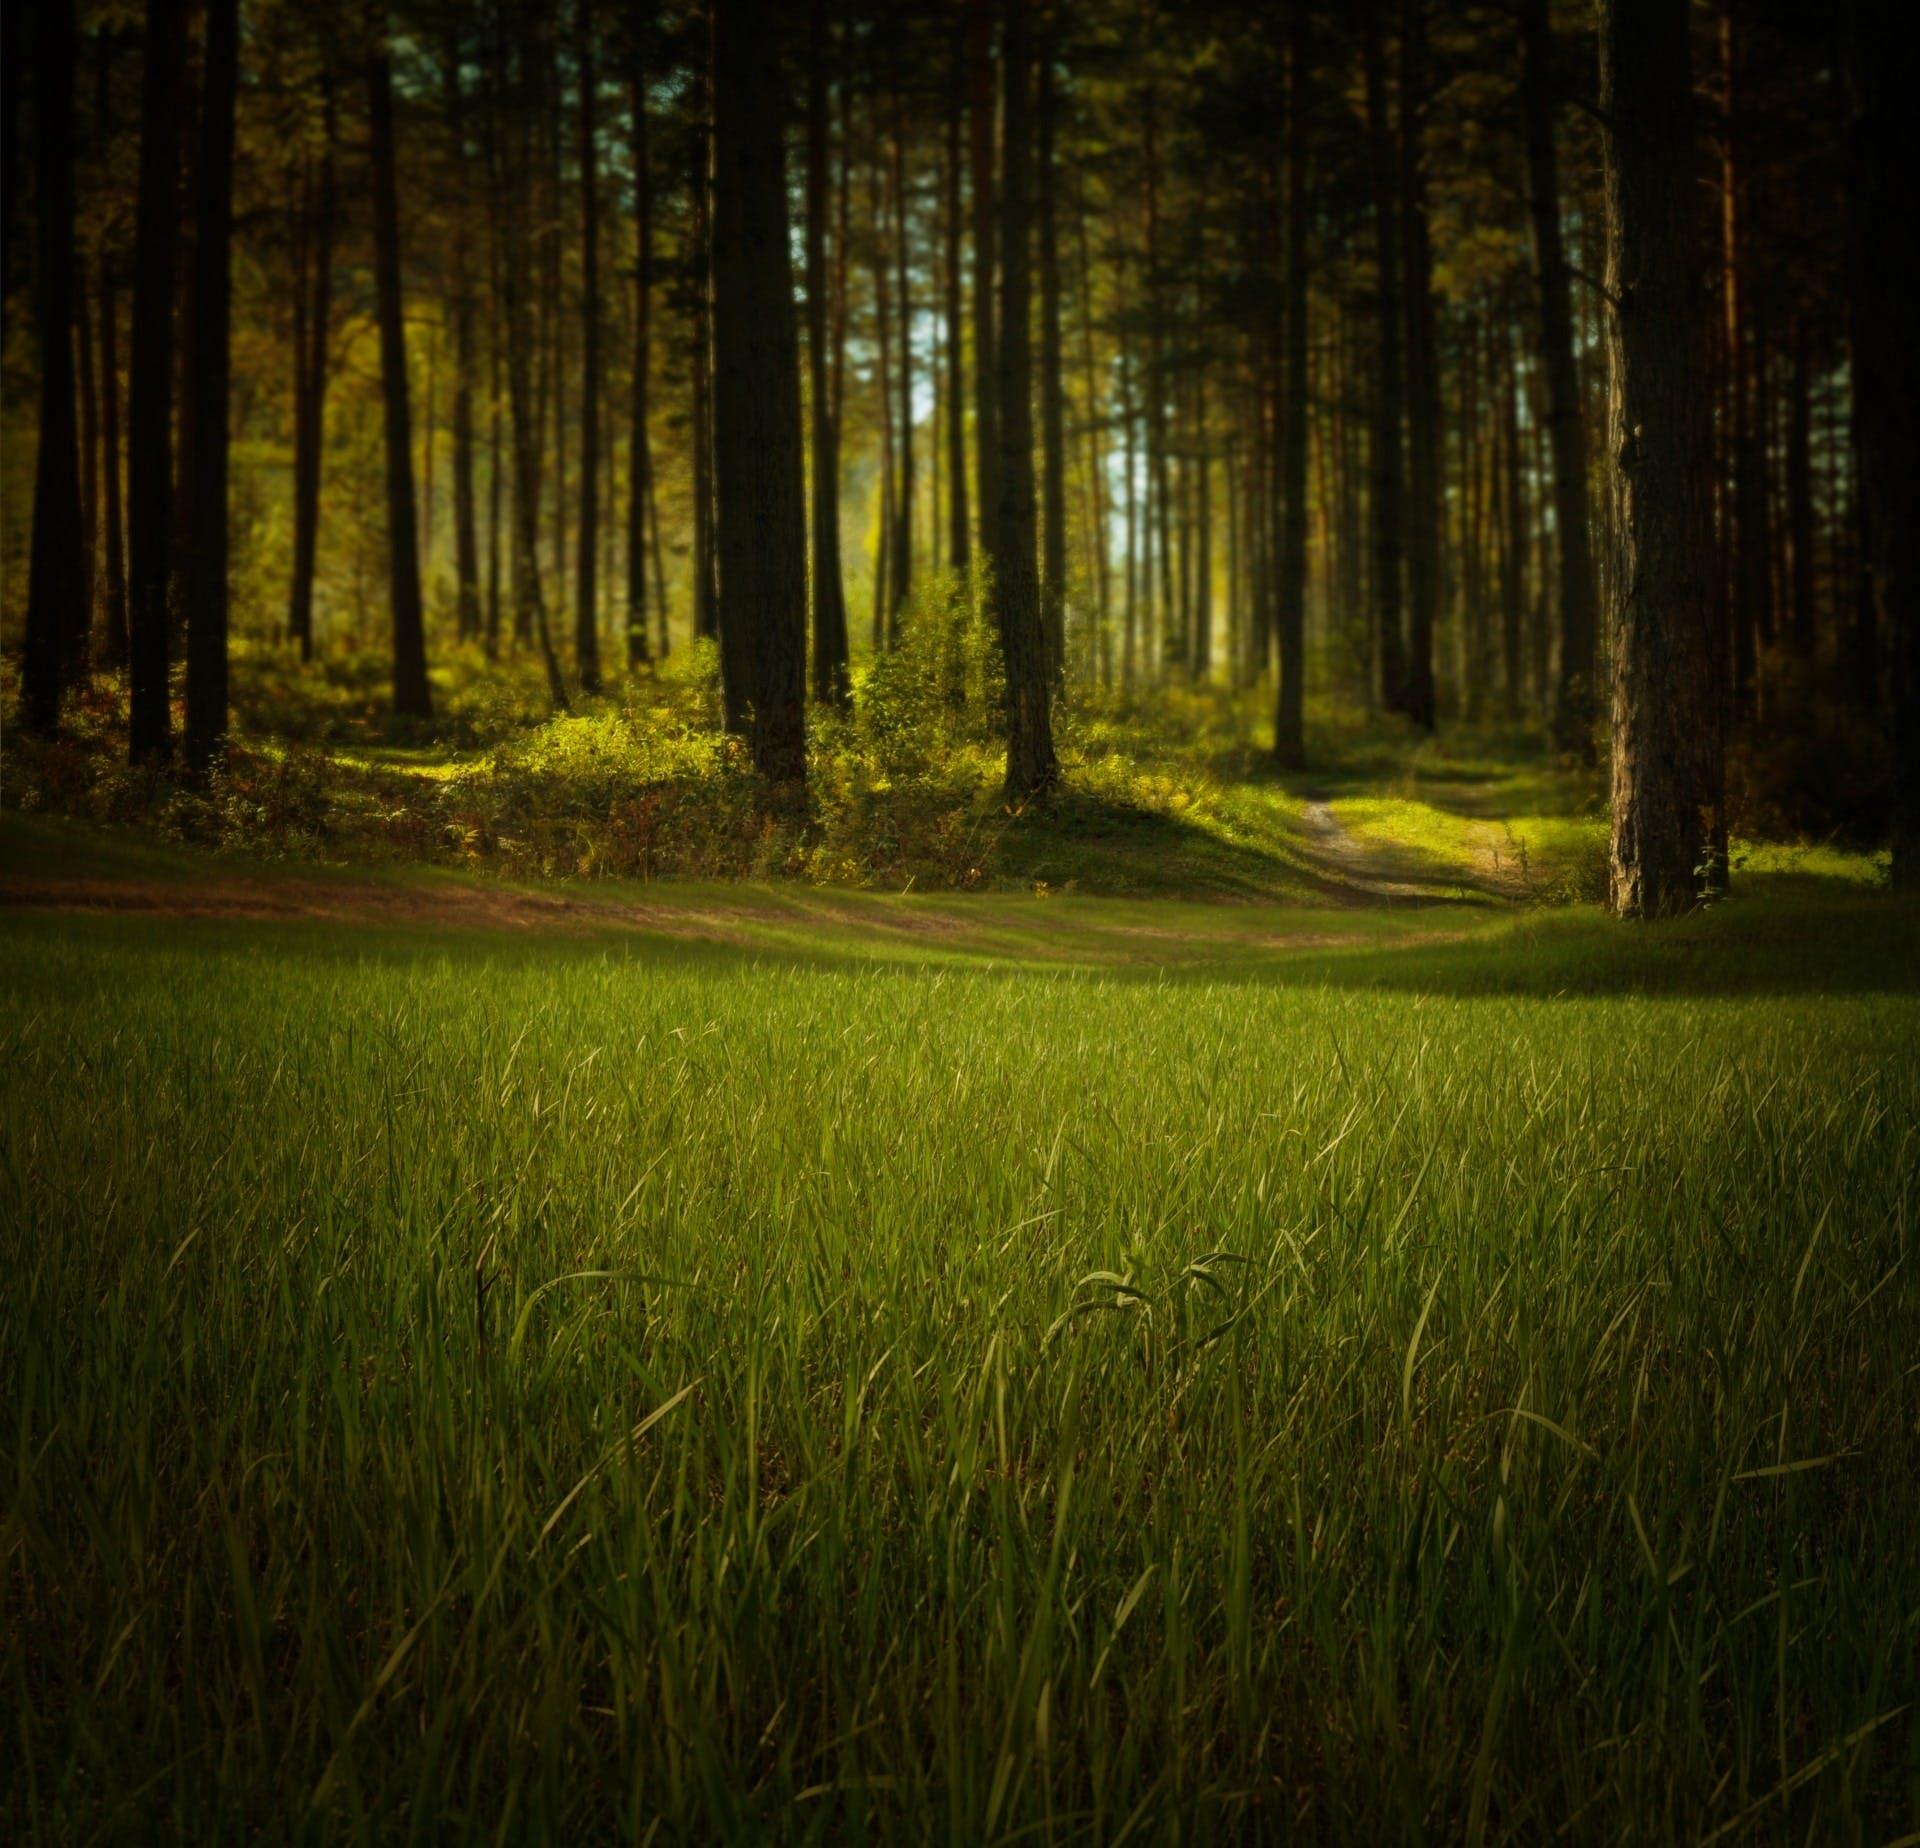 Fotos de stock gratuitas de arboles, bosque, campo, césped